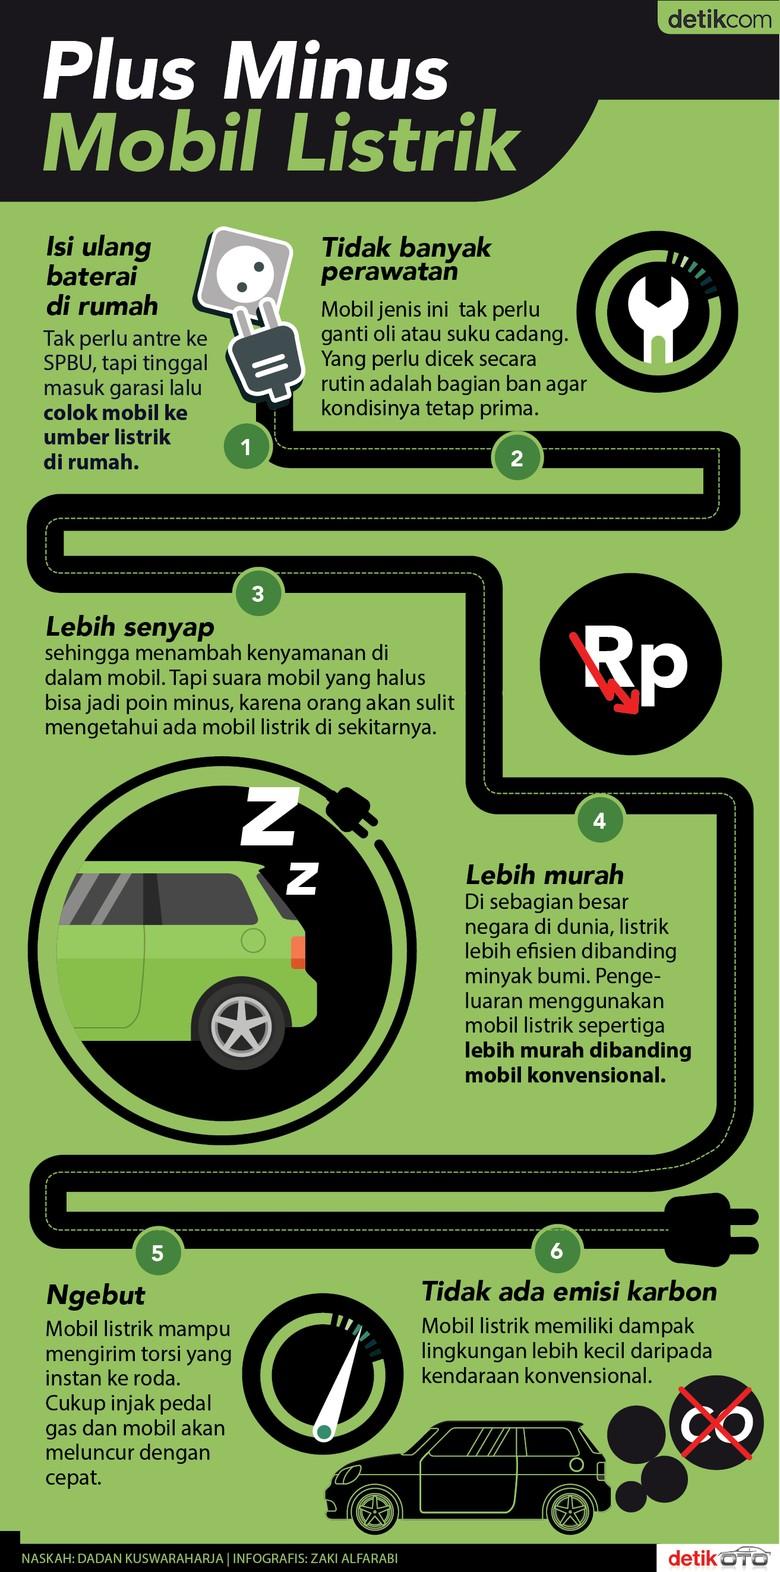 6 Keuntungan Mobil Listrik